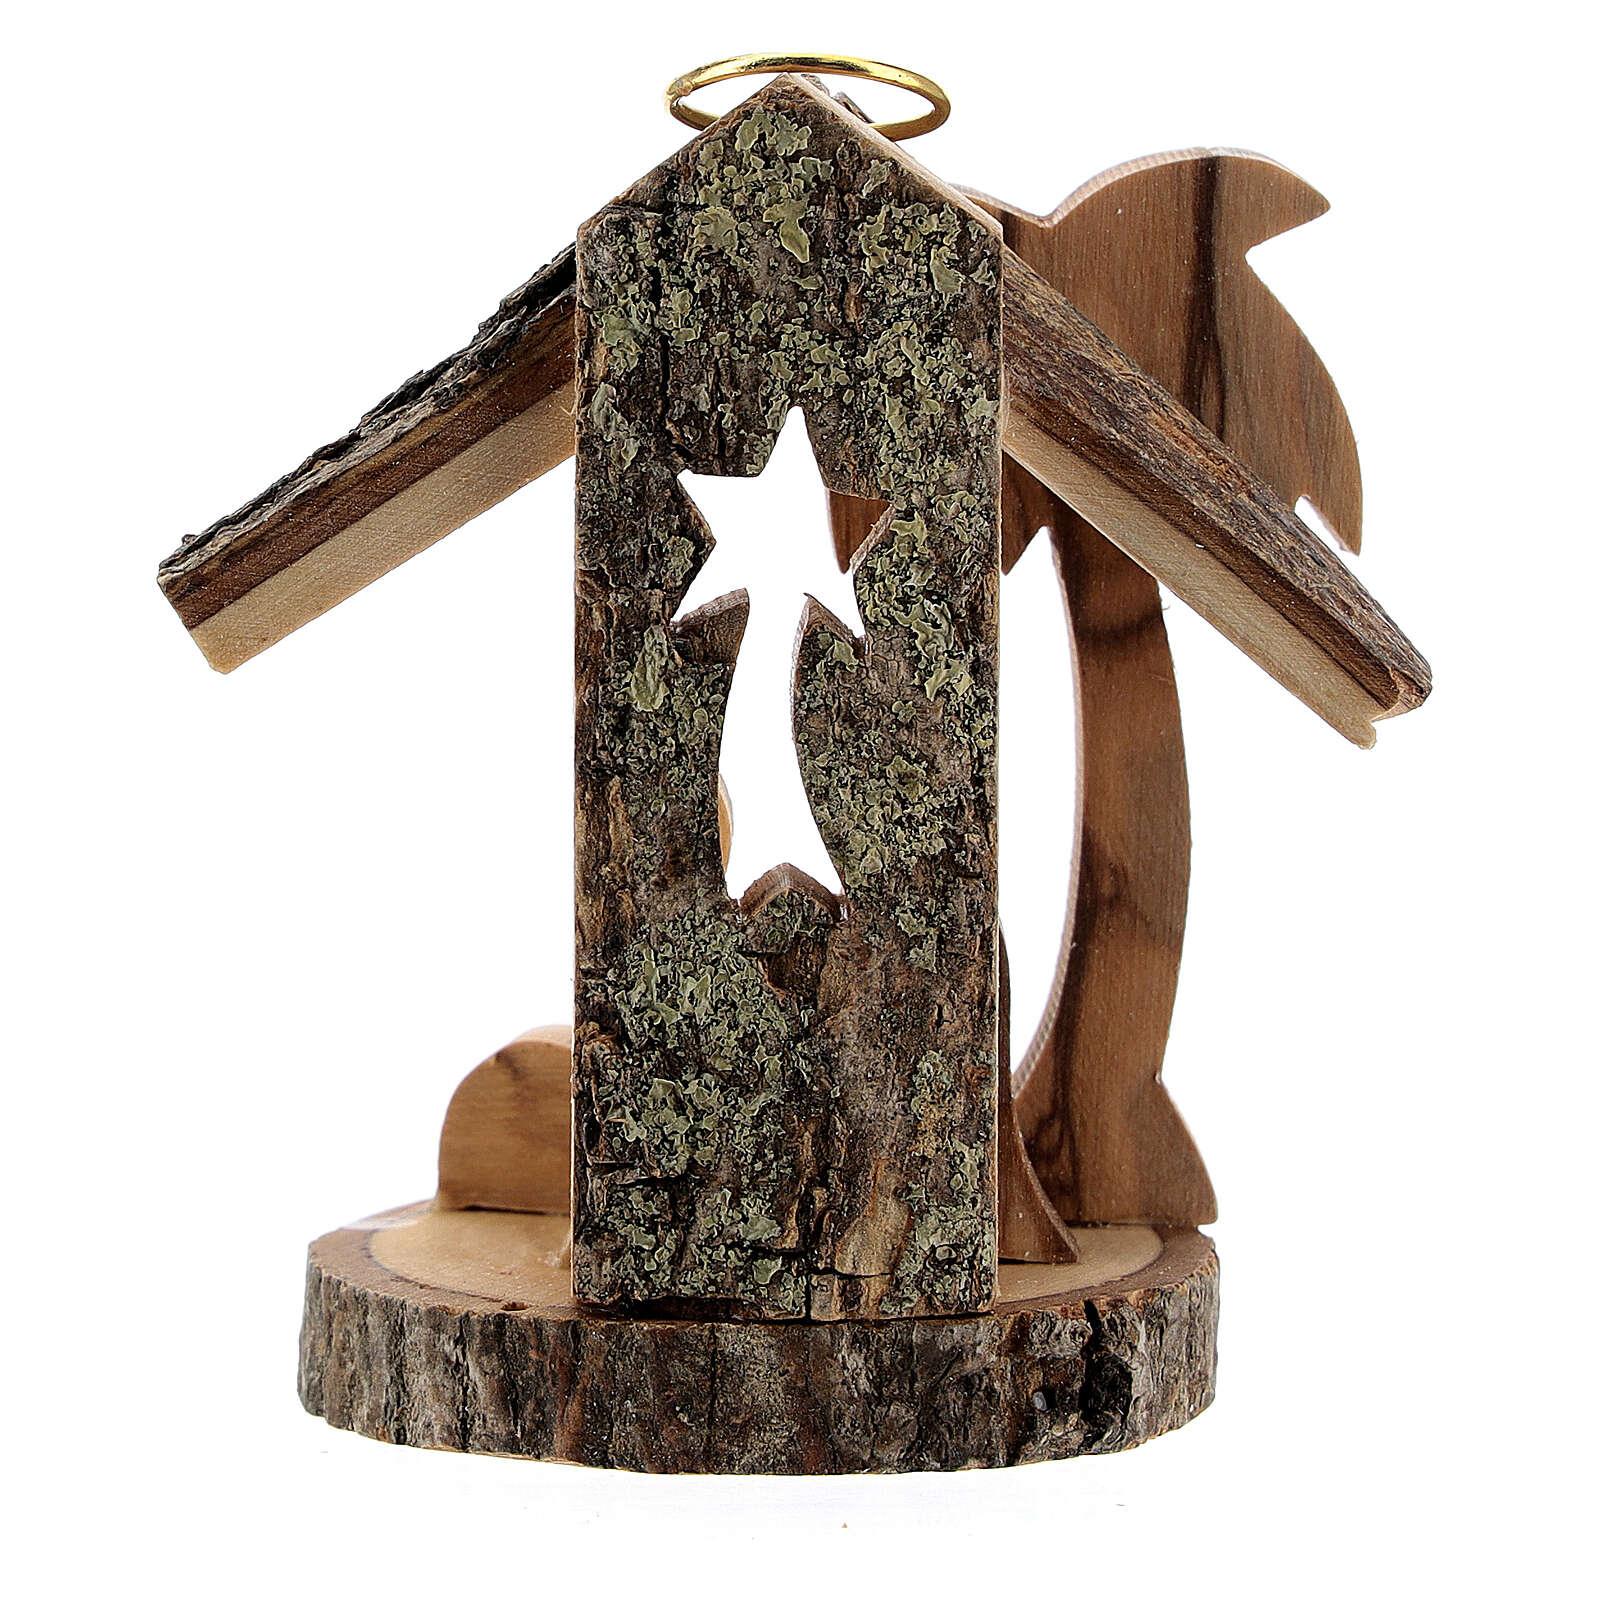 Adorno árvore de Natal silhueta Natividade mini madeira de oliveira 6 cm 4